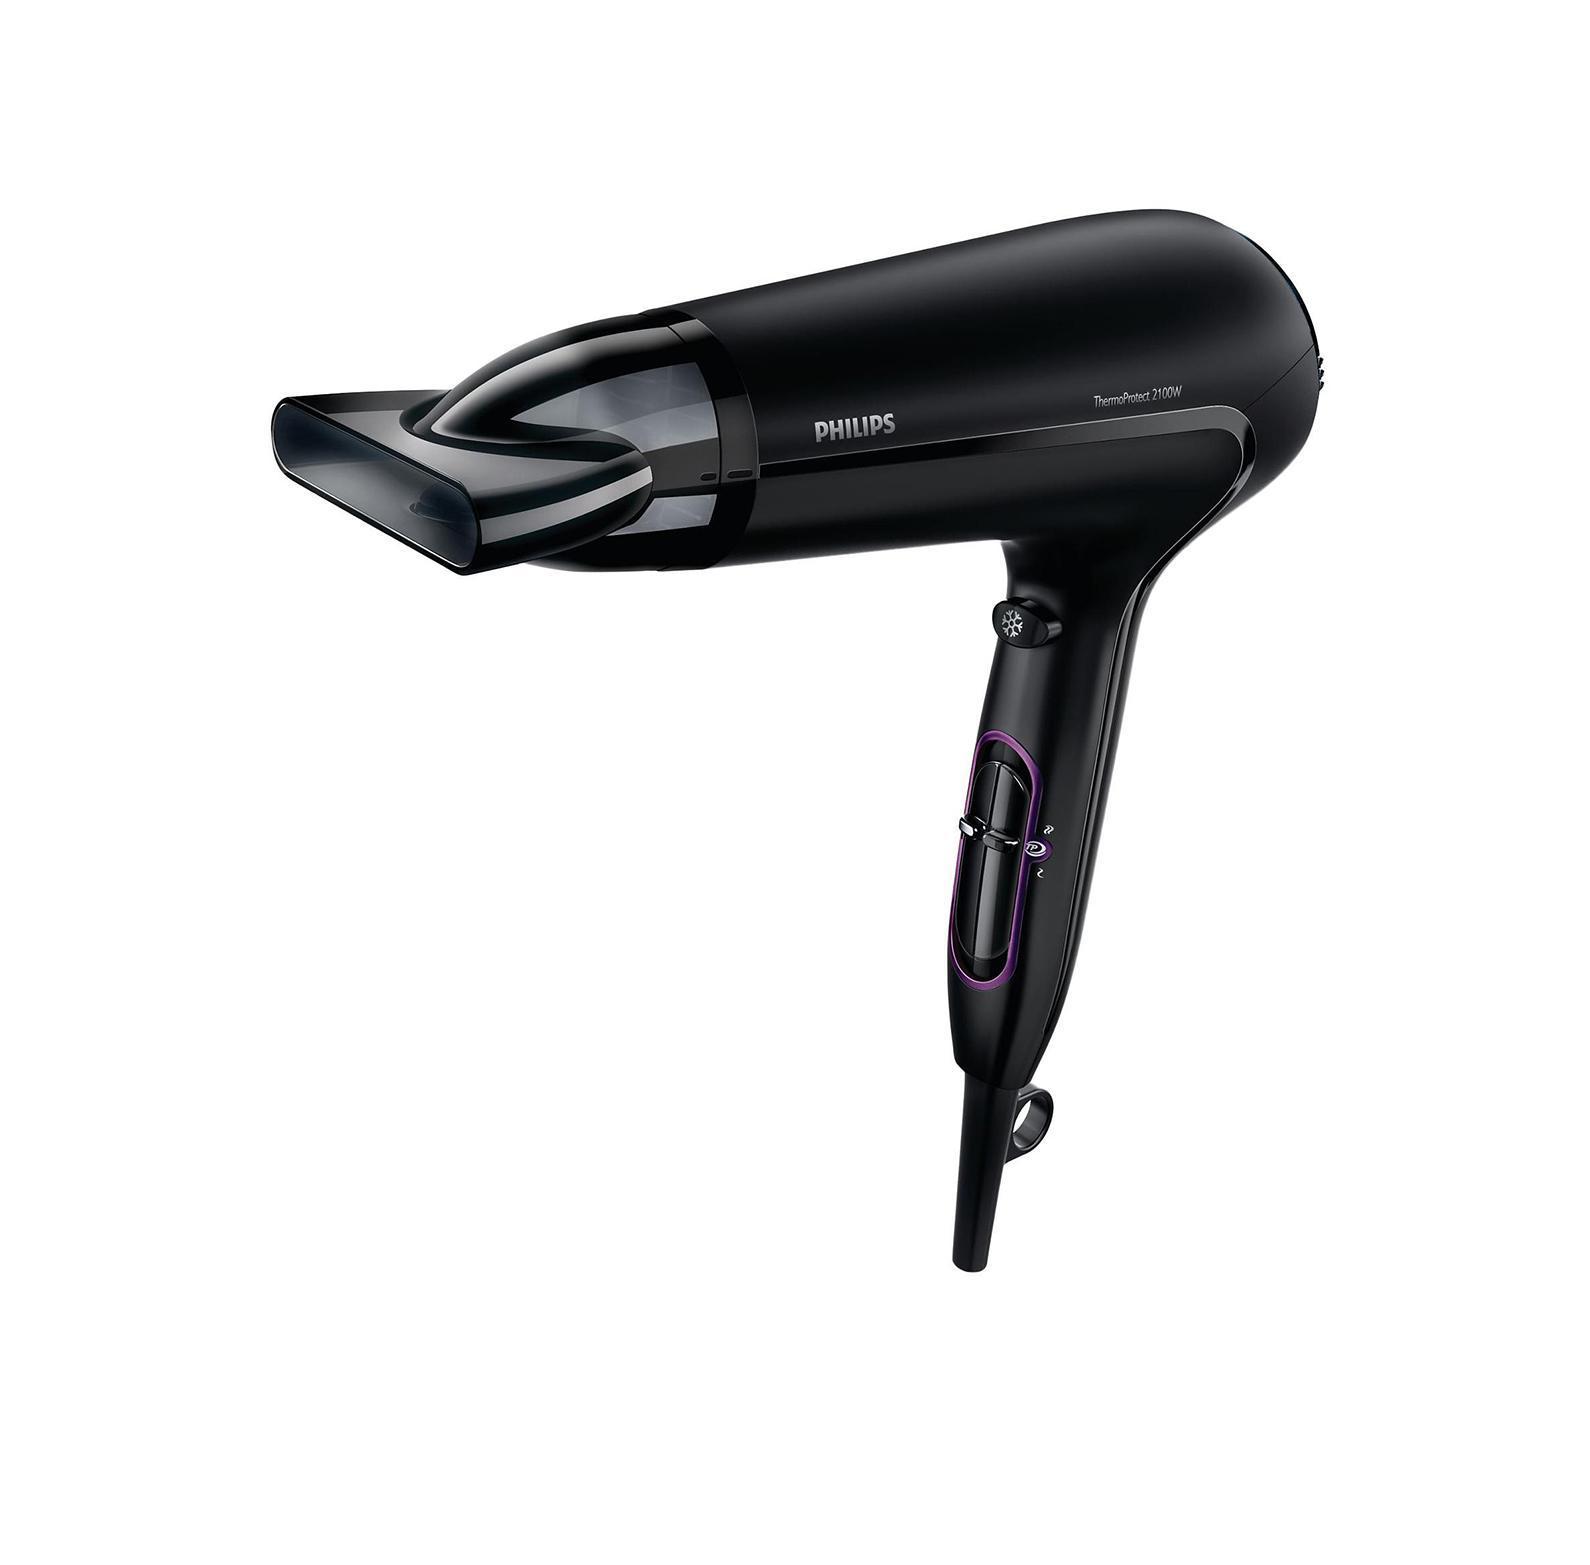 Philips HP8230/00 фенHP8230/00Быстрая укладка без вреда для волос. Благодаря нескольким режимам скорости и температуры, а также технологии ThermoProtect, вы сможете быстро высушить волосы при постоянной оптимальной температуре. Настройка температуры ThermoProtectТехнология ThermoProtect обеспечивает оптимальную температуру сушки волос и их дополнительную защиту от перегрева. Превосходные результаты достигаются при той же мощности воздушного потока, но более щадящим способом. Фен мощностью 2100 Вт для создания объемной укладки, как в салоне красотыЭтот профессиональный фен мощностью 2100 Вт создает мощный поток воздуха. Удачное сочетание мощности и скорости помогает сократить время сушки и облегчить создание укладки. Шесть режимов нагрева и скорости для разных типов волосСкорость и нагрев легко регулируются, что способствует созданию идеальной укладки. Шесть режимов обеспечивают полный контроль за процессом сушки волос, что очень удобно для создания аккуратной стильной укладки. Холодный обдув для фиксацииХолодный обдув используется всеми профессиональными парикмахерами. При нажатии кнопки подается мощный поток холодного воздуха, который помогает зафиксировать укладку. Превосходные результаты укладки благодаря узкой насадкеПревосходные результаты укладки и блестящий внешний вид благодаря узкой насадке для высокоточной укладки. Сетевой шнур 1,8 мУдобство использования благодаря шнуру питания длиной 1,8 м. Удобная петелька для храненияРасположенная в основании рукоятки петелька с резиновым покрытием обеспечивает удобное хранение фена - дома или в гостинице. Съемный воздухозаборный фильтр для быстрой и легкой очисткиСъемный воздухозаборный фильтр фена удобен в использовании: просто снимите его для очистки. Регулярная очистка препятствует скоплению пыли и волос и обеспечивает эффективную сушку.